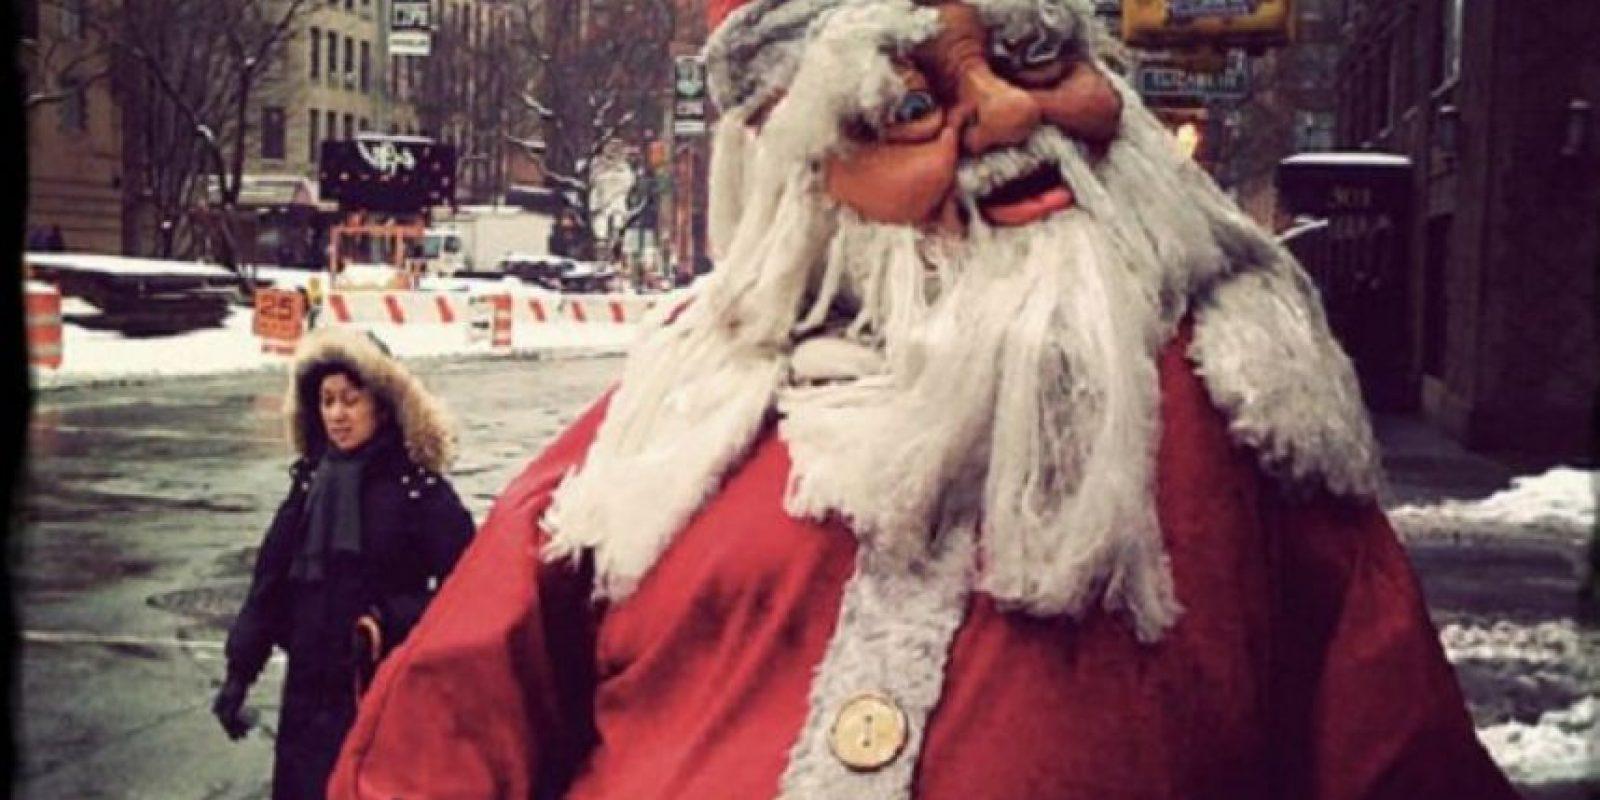 Otro Santa del infierno dispuesto a robarse su corazón. Foto:Imgur